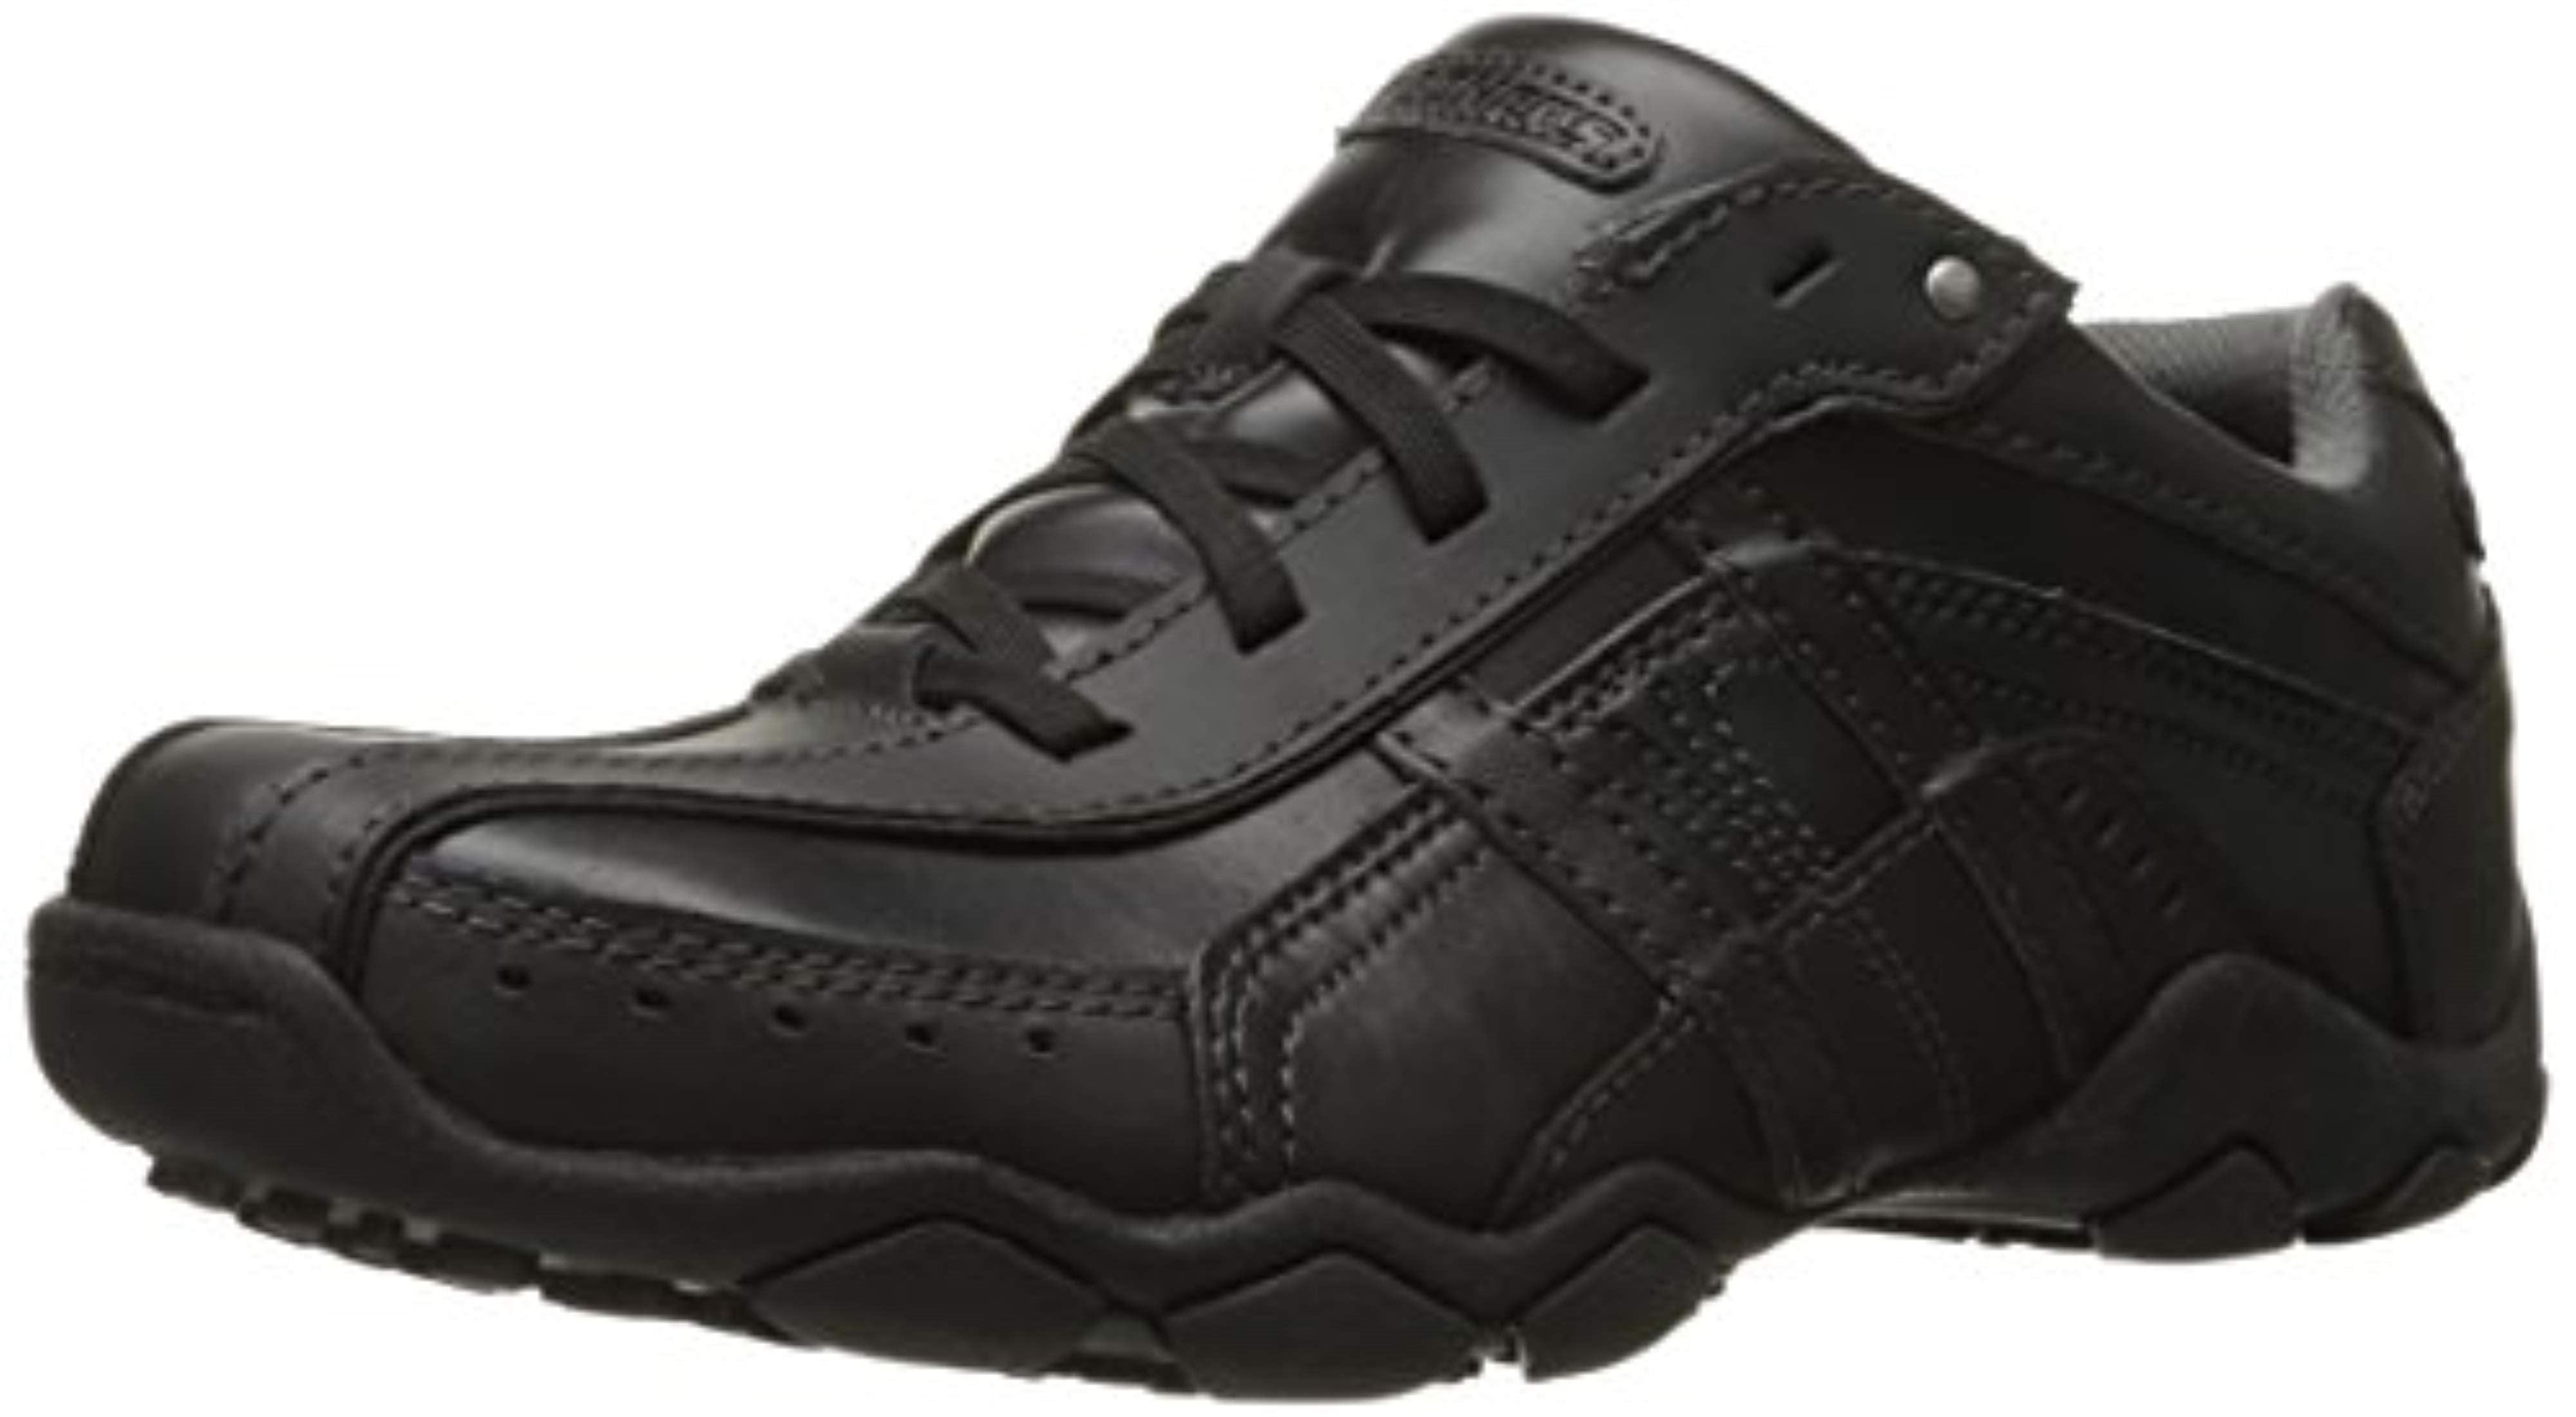 skechers men's diameter murilo shoe